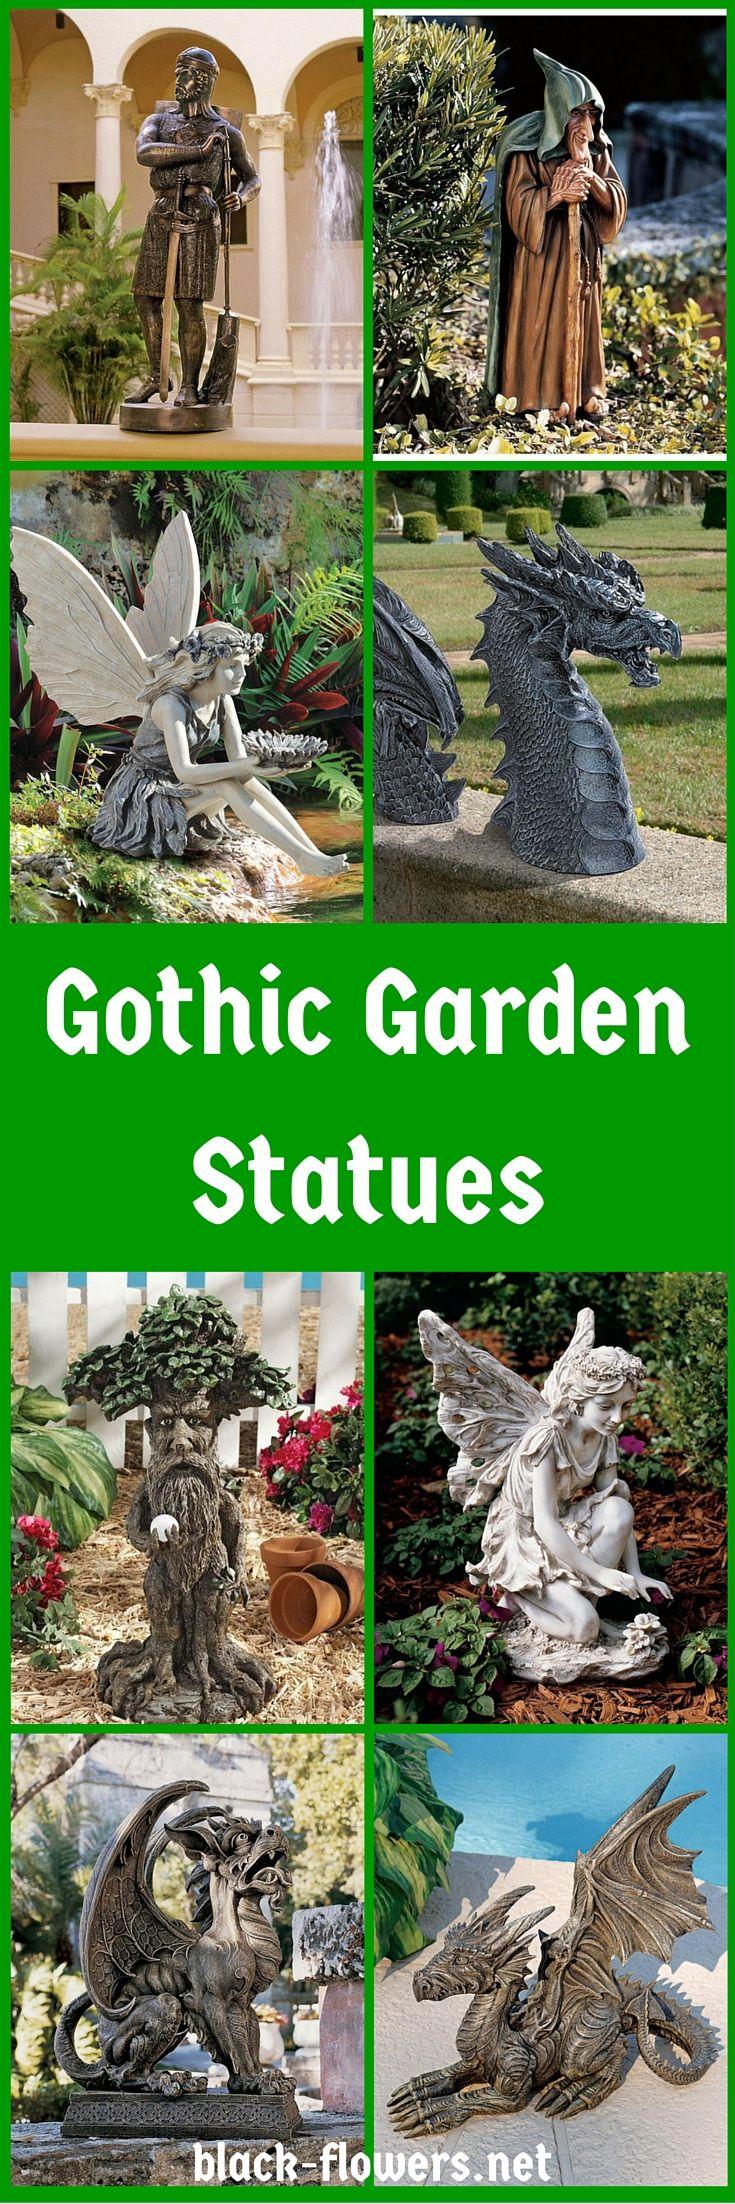 Gothic Garden Statues